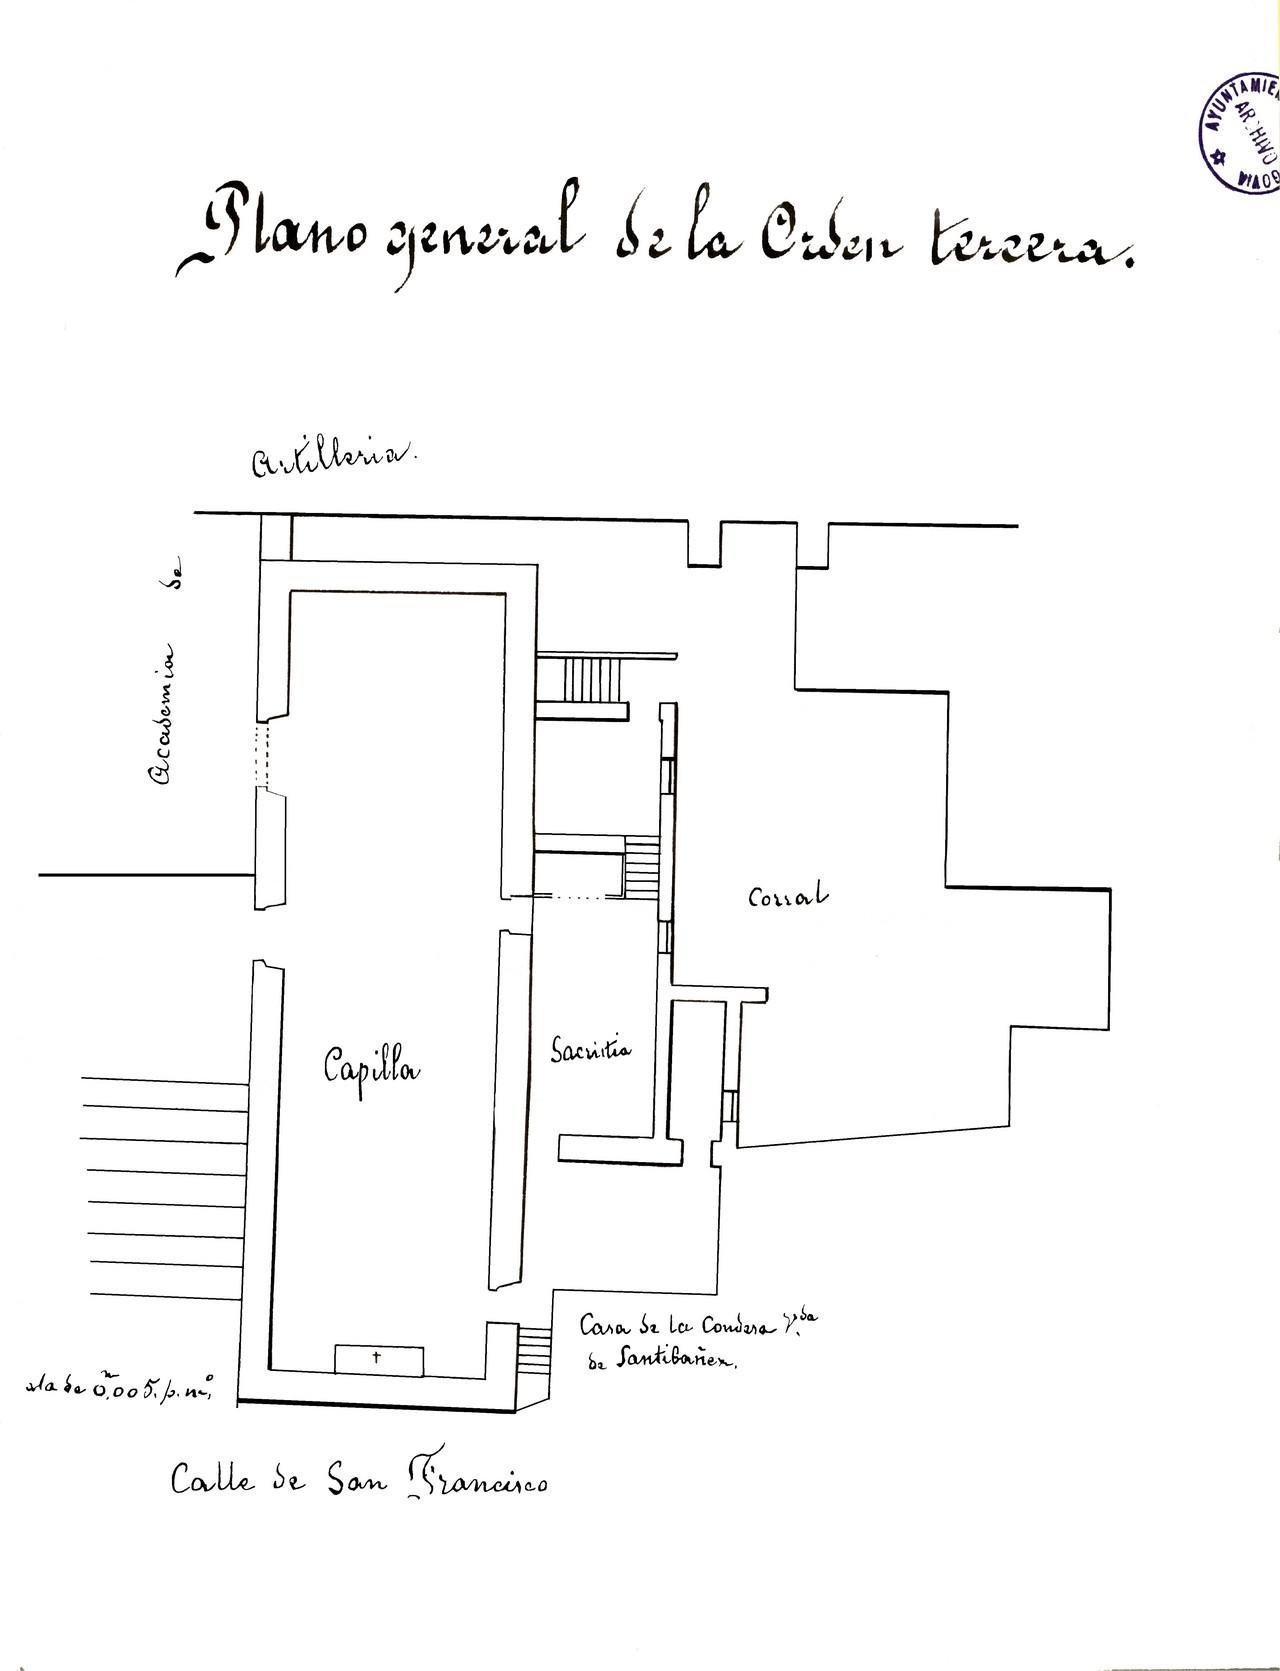 Plano de la capilla de la Orden Tercera de San Francisco, 1878. 24.- Archivo Municipal de Segovia. Signatura 885-9.